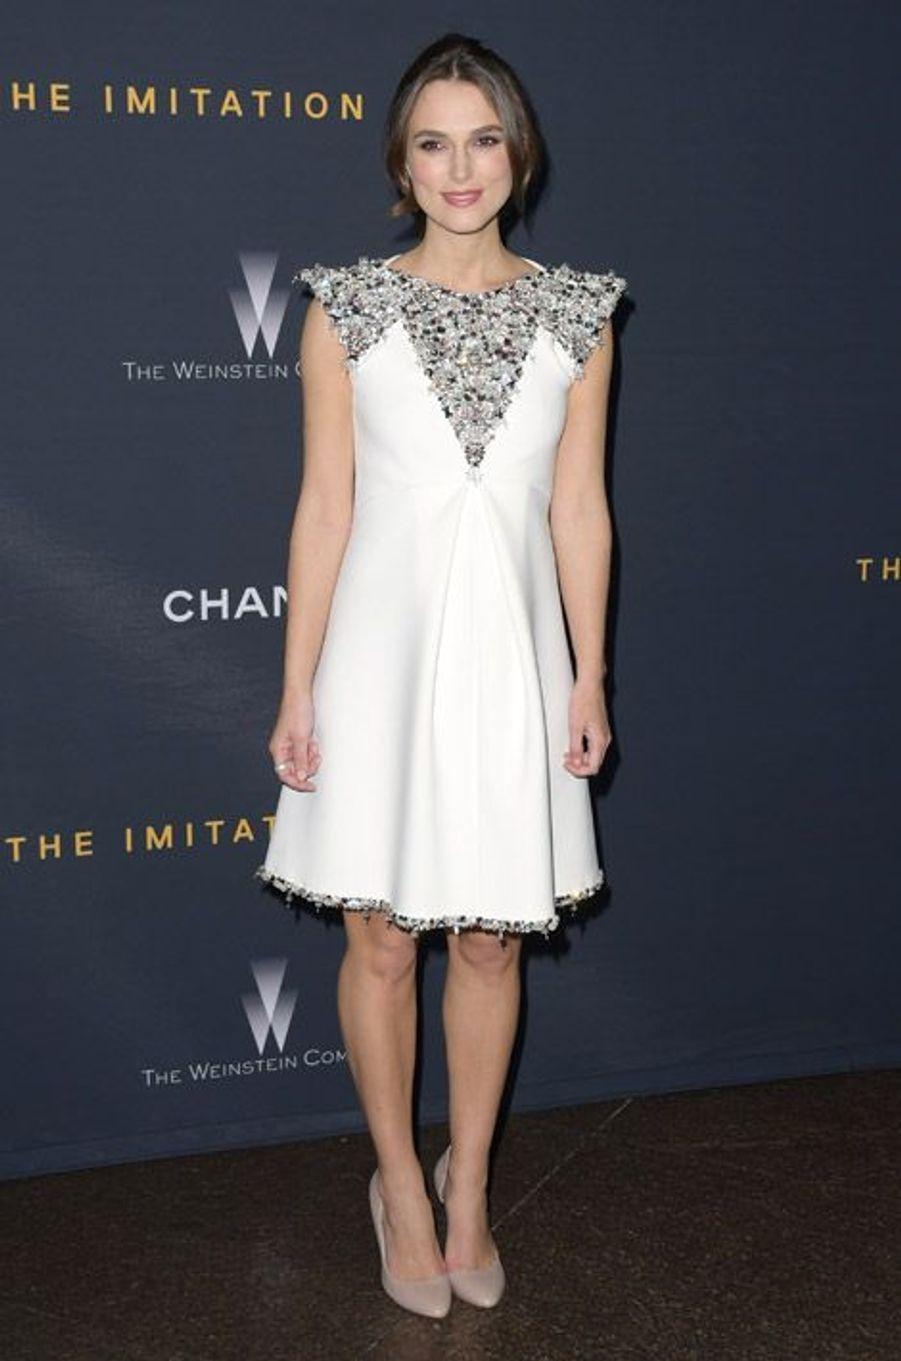 """L'actrice Keira Knightley en Chanel Couture lors de la projection du film """"The Imitation Game"""" à Los Angeles, le 10 novembre 2014"""